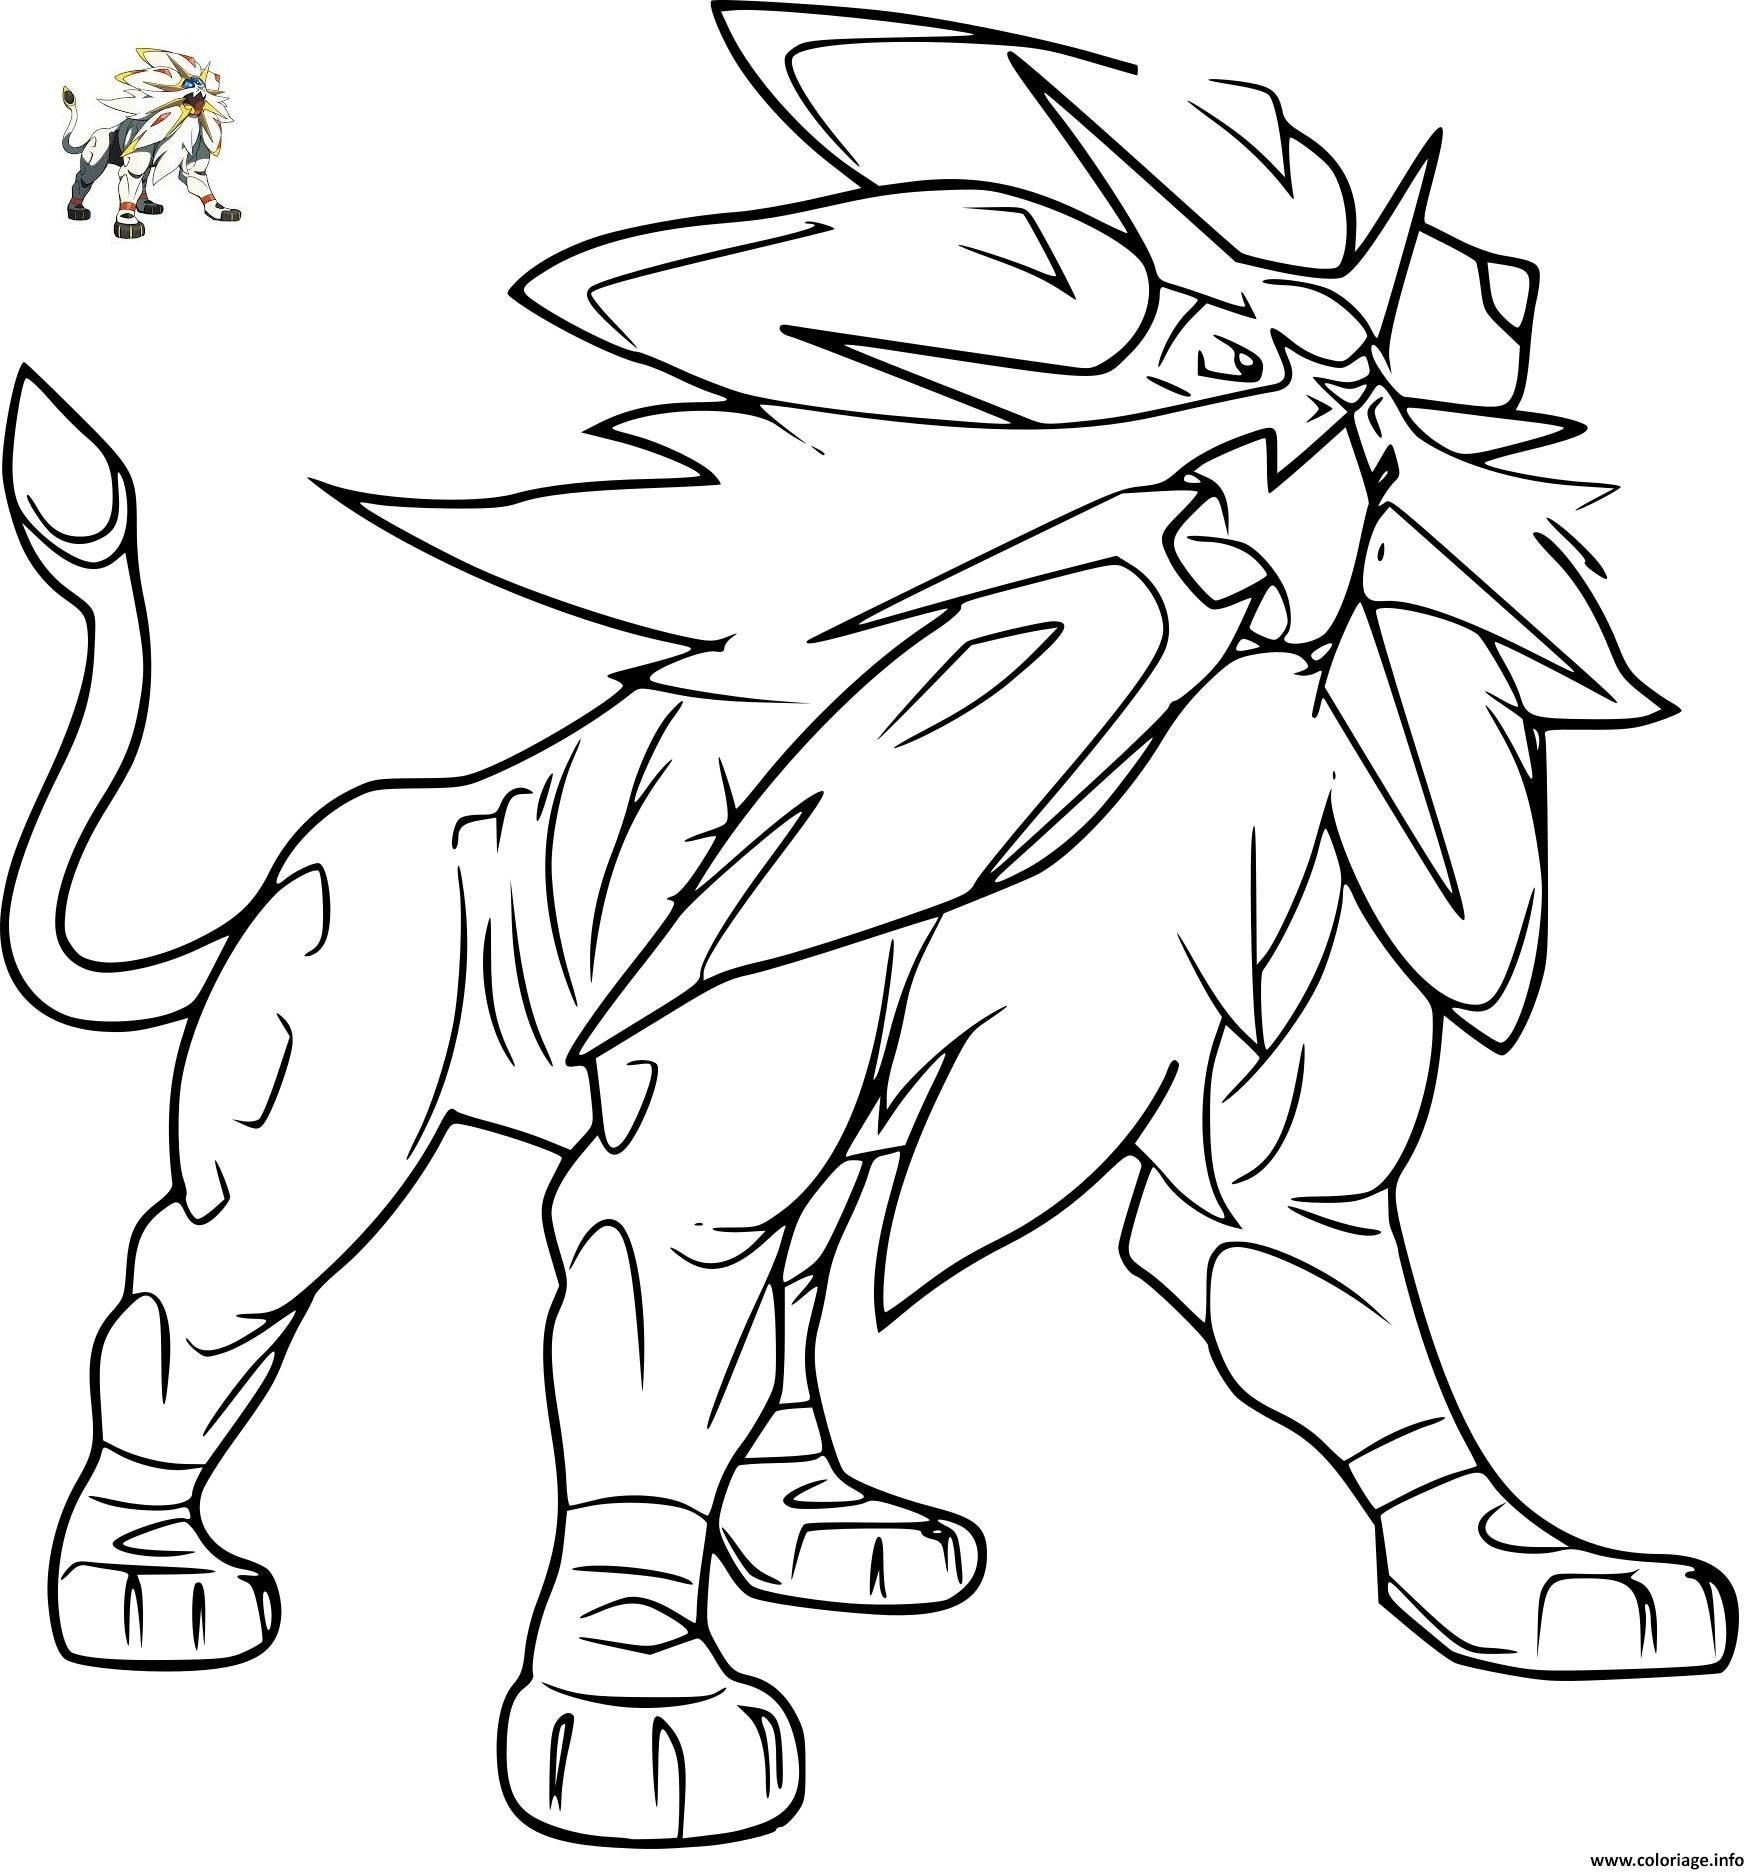 Coloriage Pokemon Solgaleo Gx Dessin A Imprimer Dessin Pokemon A